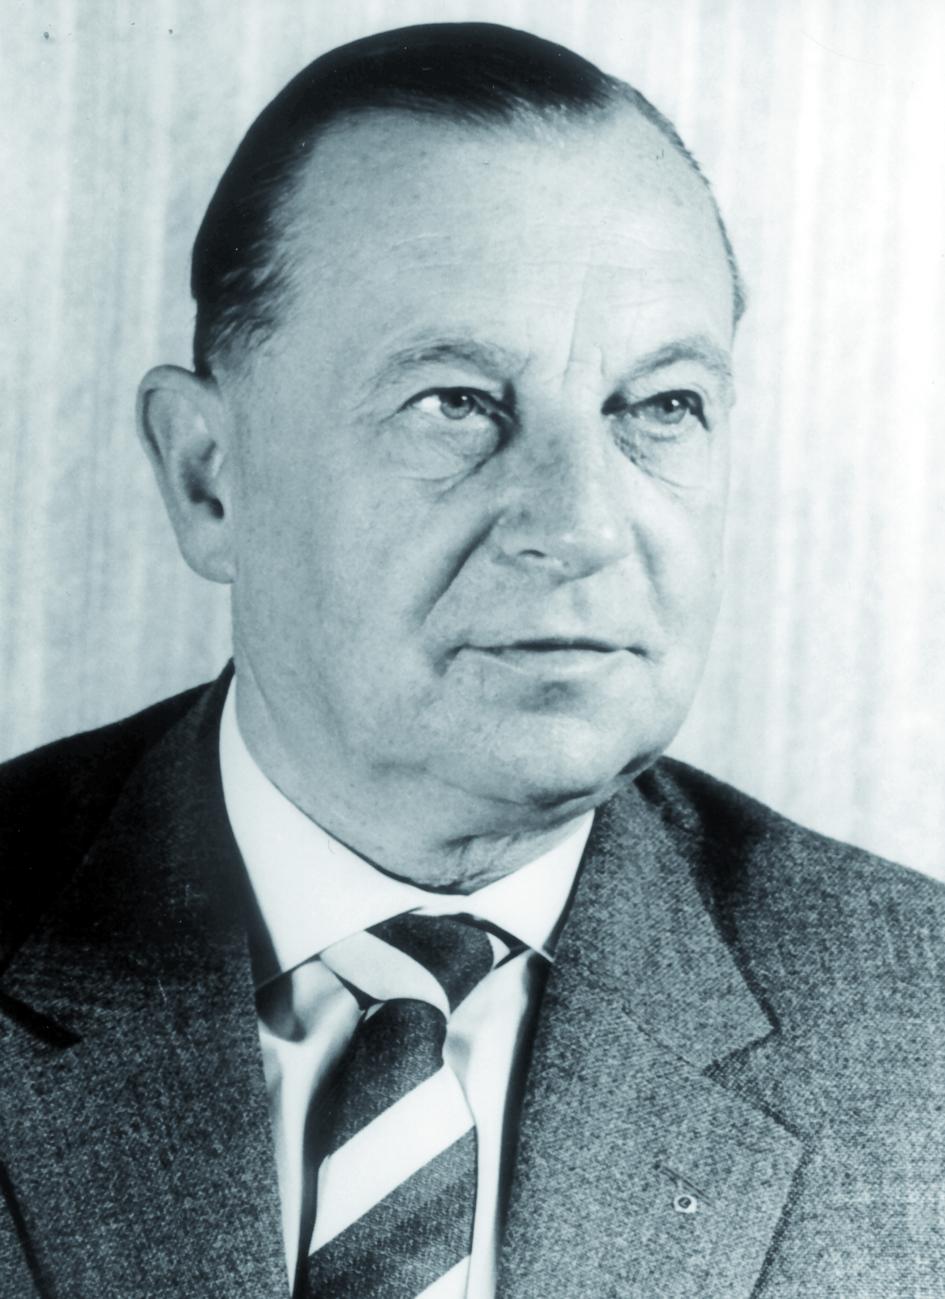 Portraitfoto von Herrn Werner Tschechendorf.